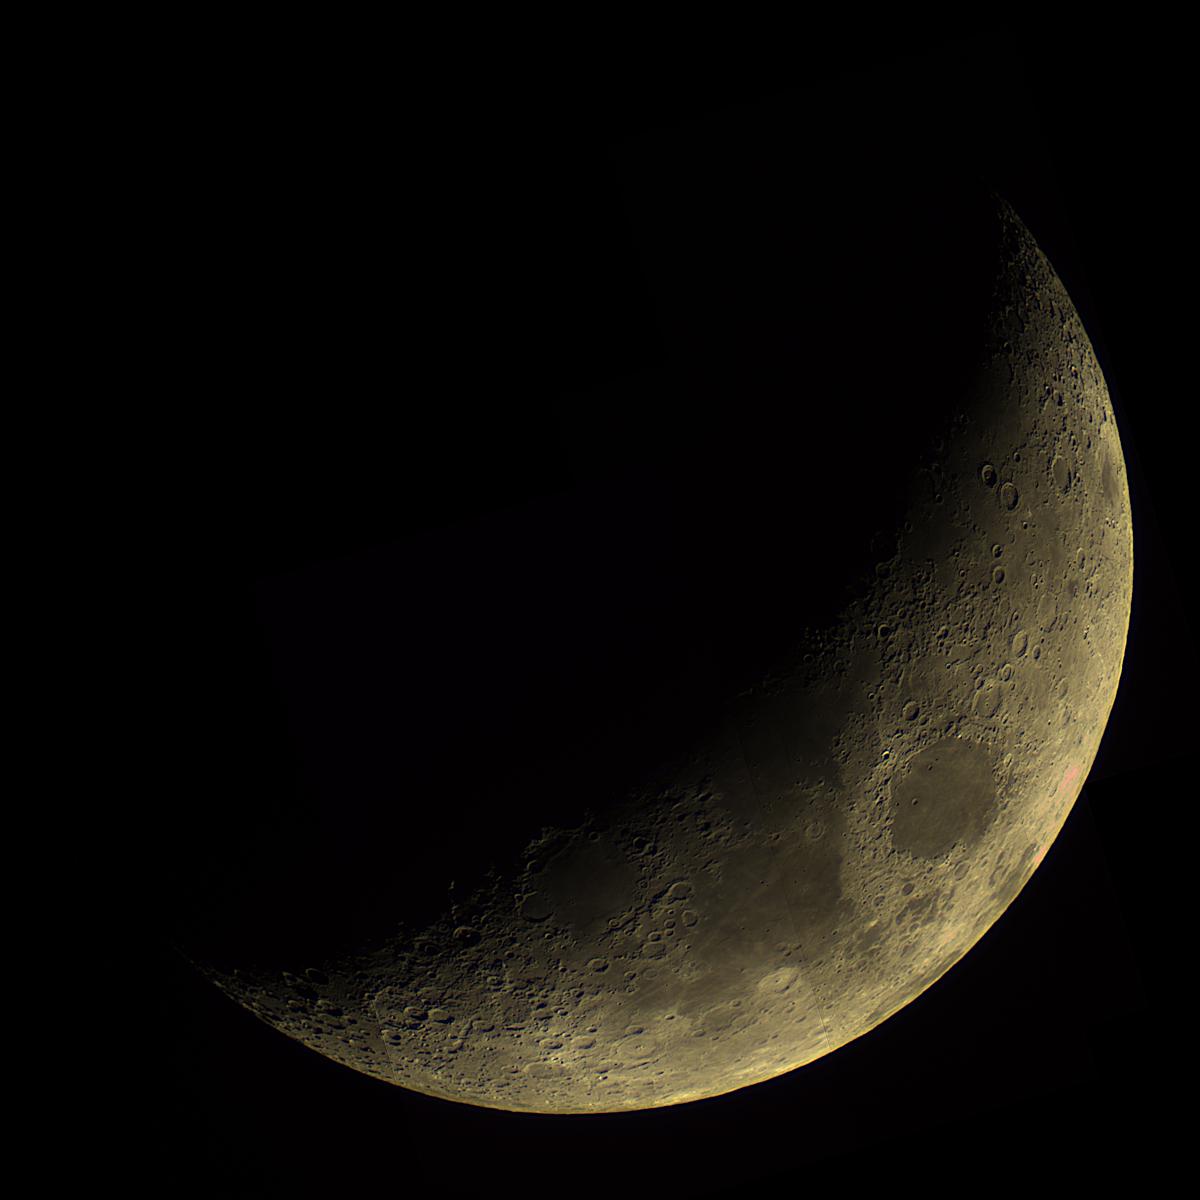 Lunar mosaic taken 2020-12-19